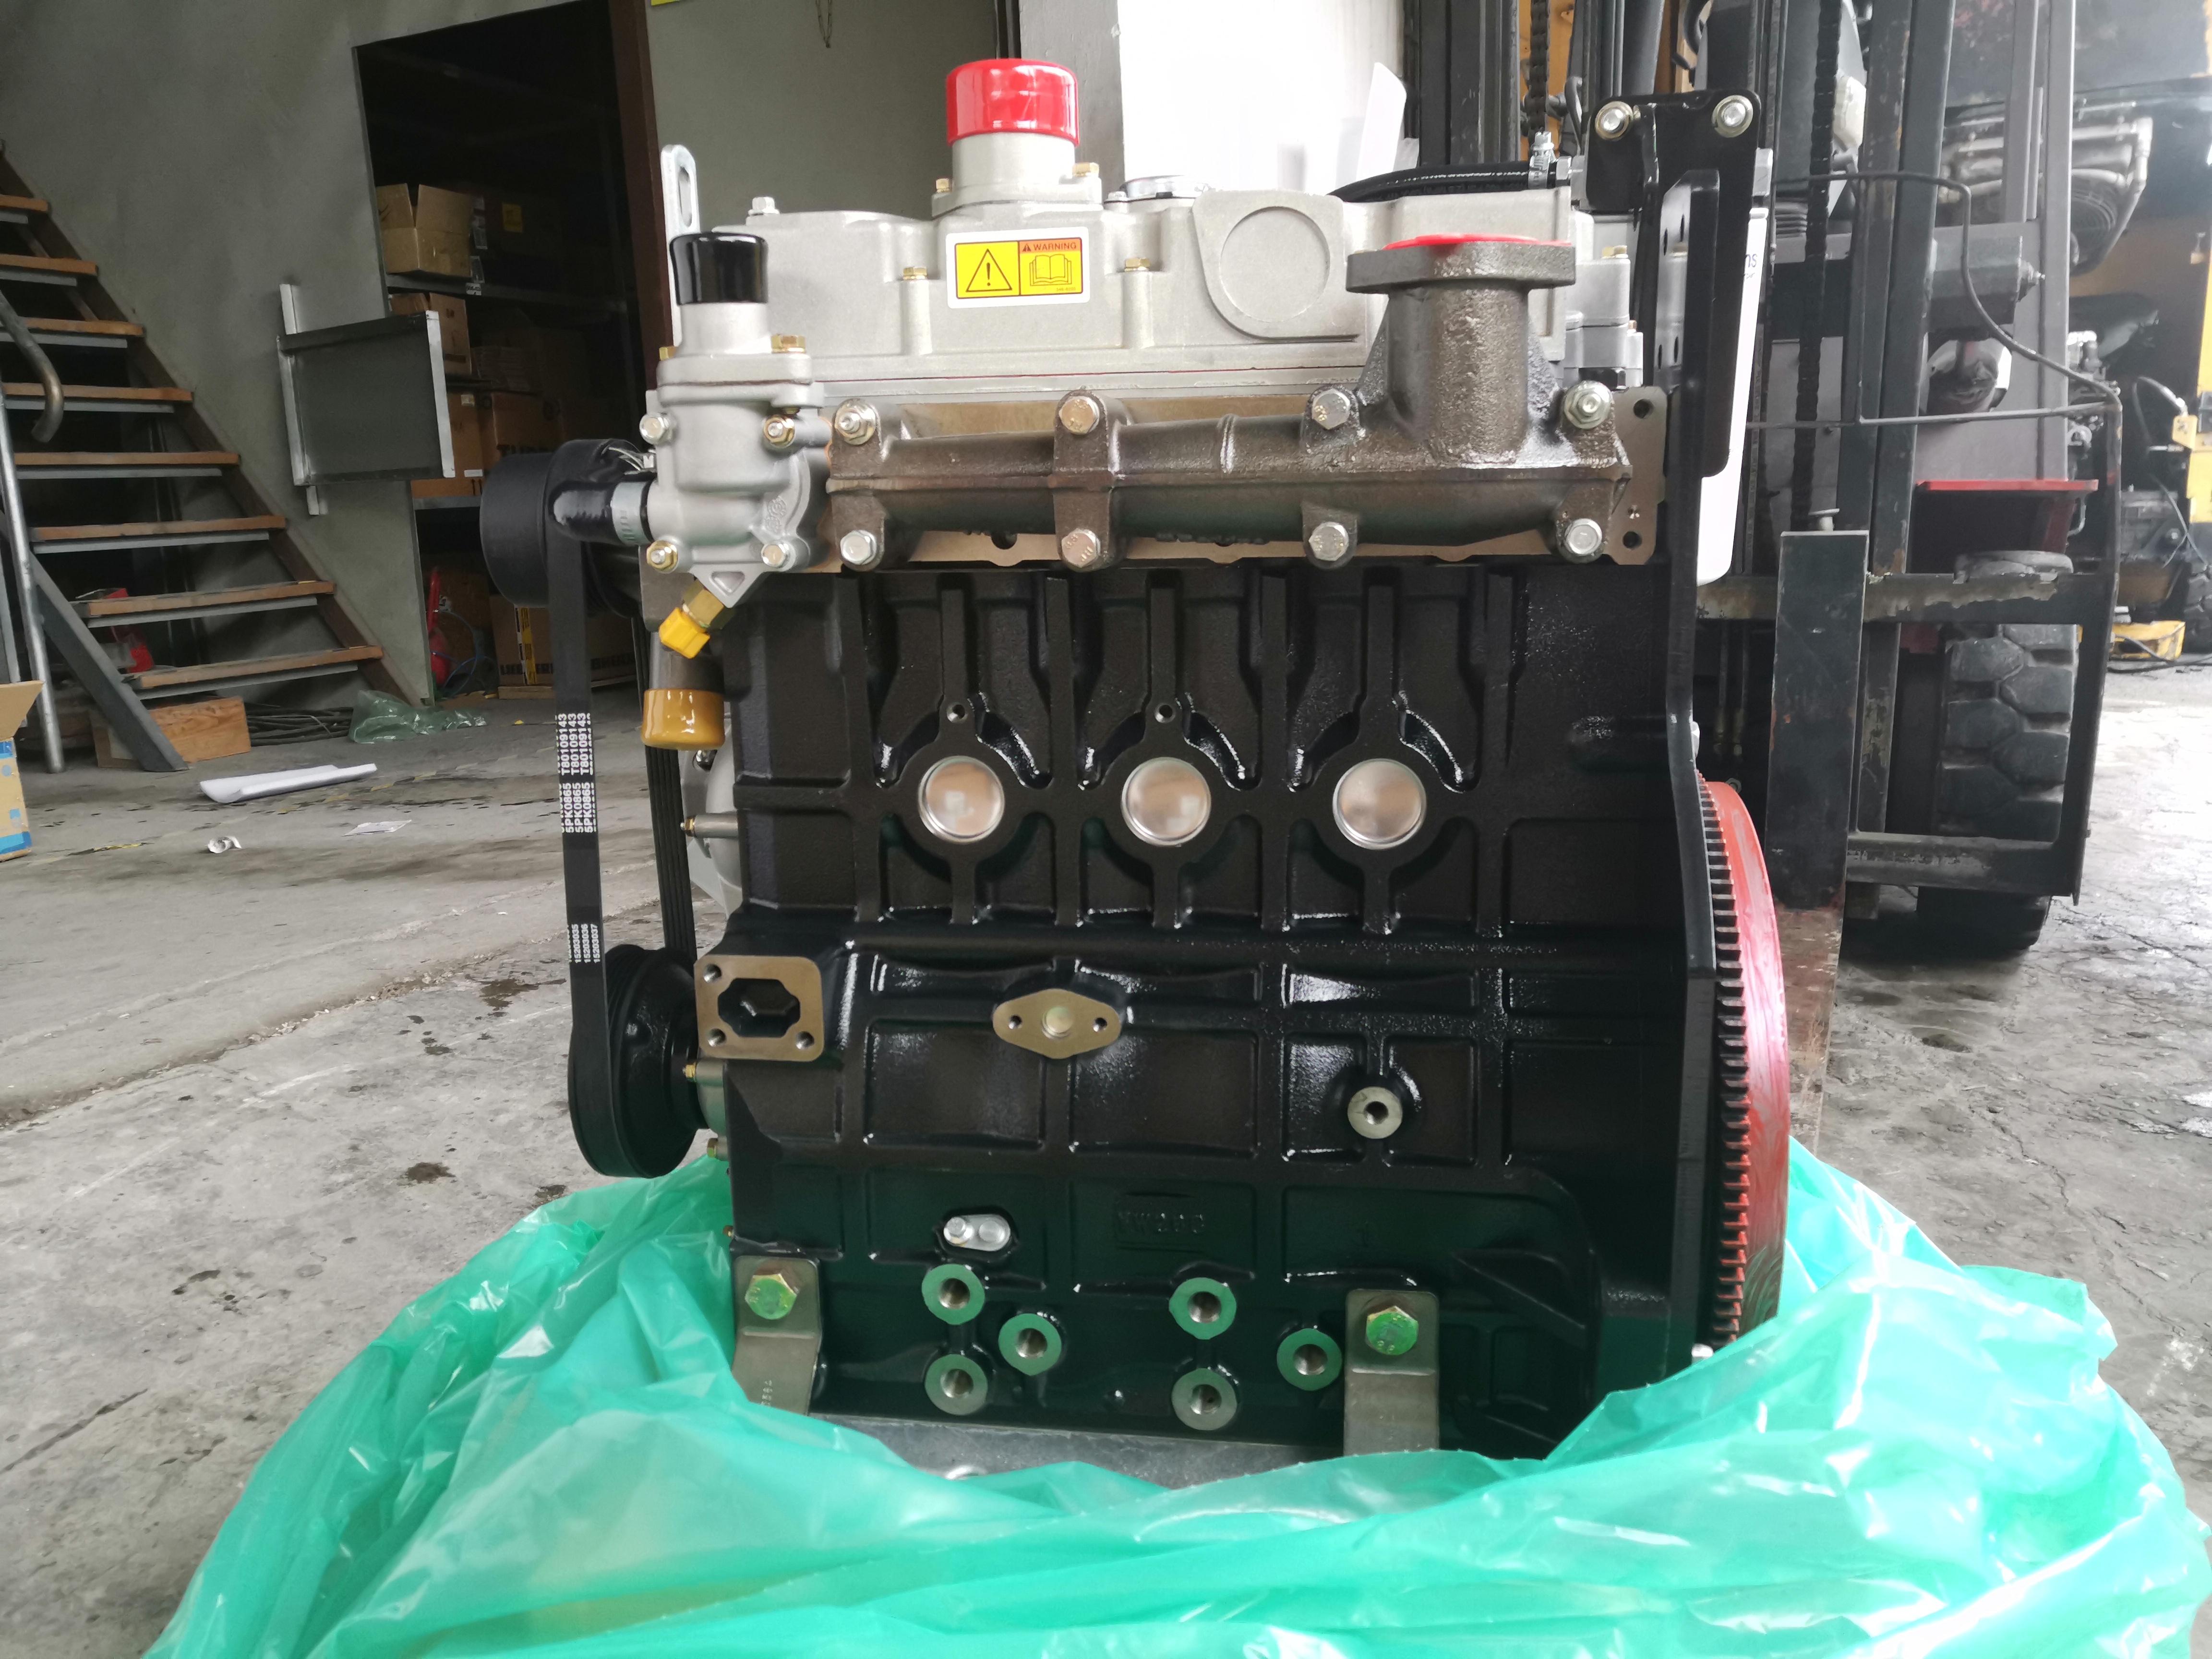 Perkins 404D-22 Diesel Engine 31.4KW 2600RPM